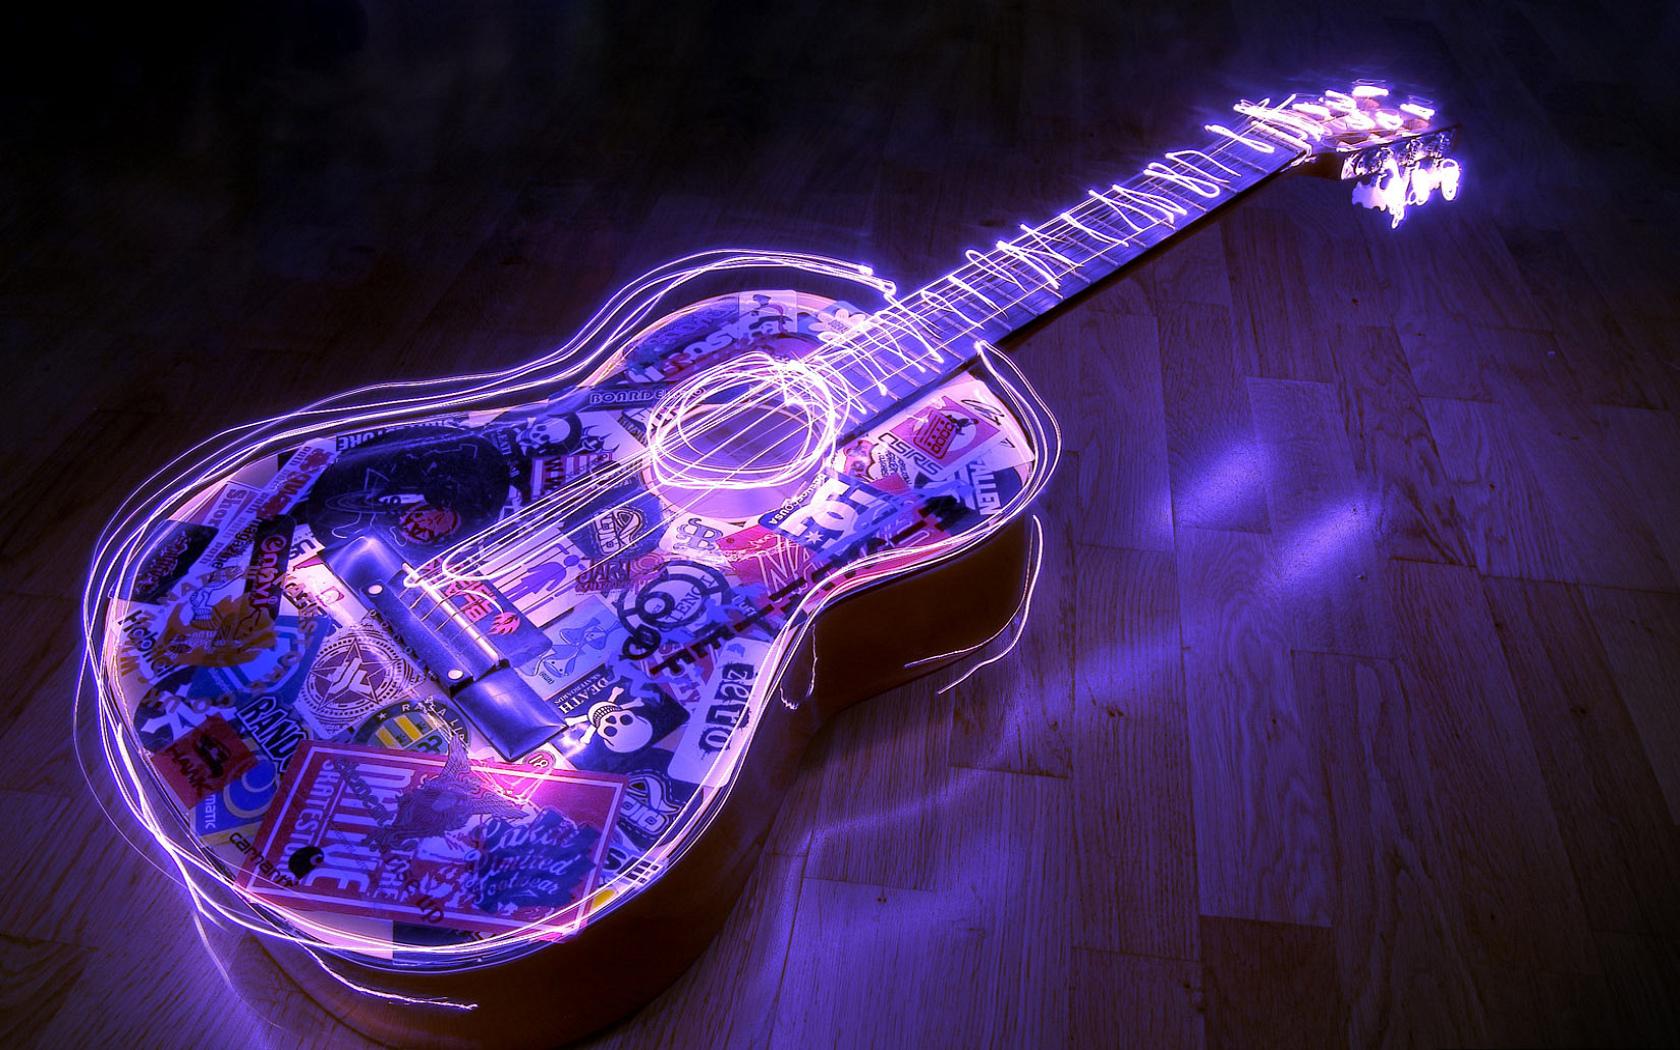 Неоновая гитара 1680 x 1050